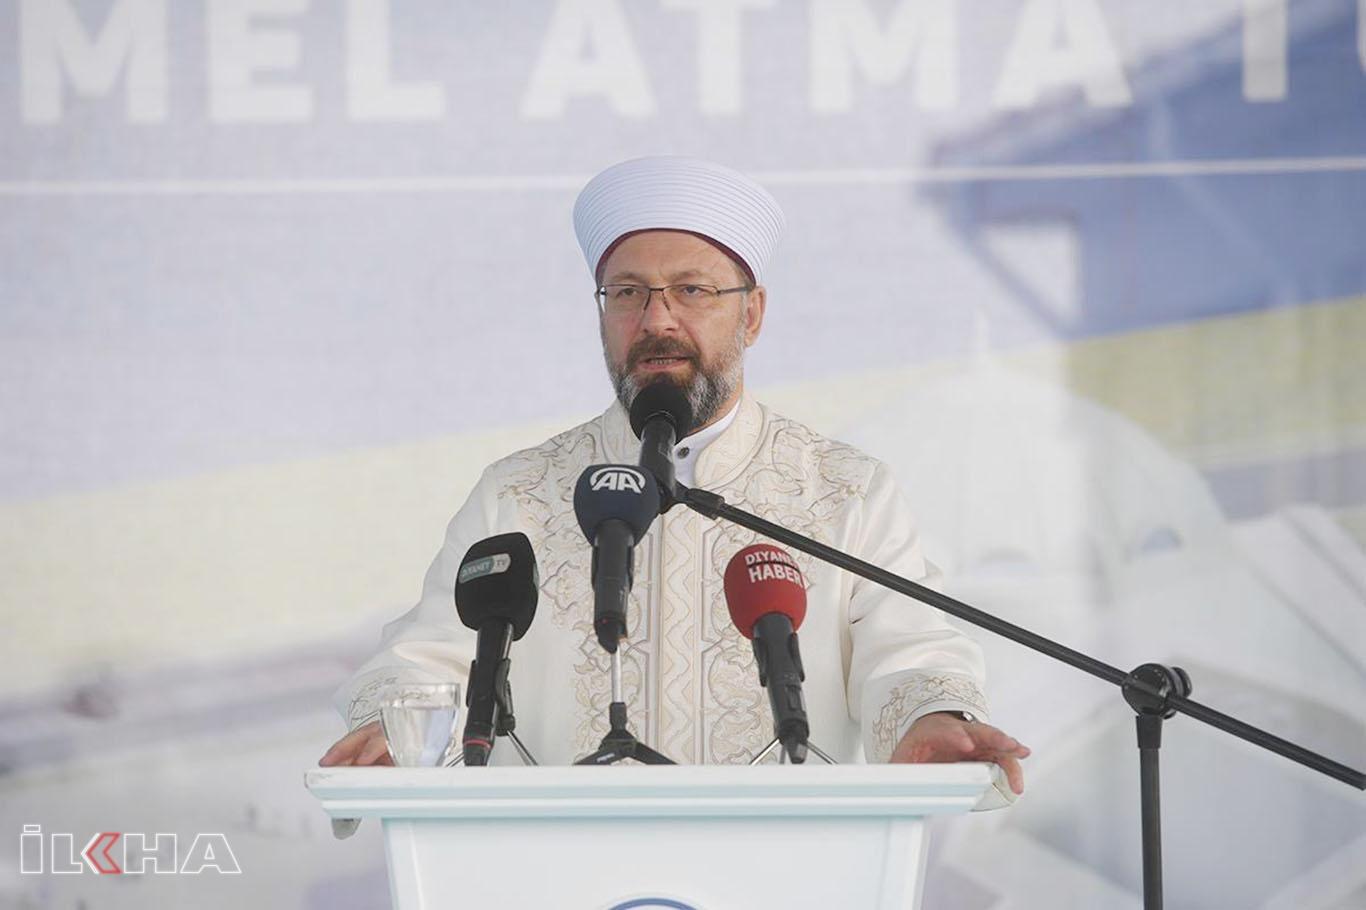 DİB Erbaş: Bizim medeniyetimizde, cami ile mektep hep iç içe olmuştur.